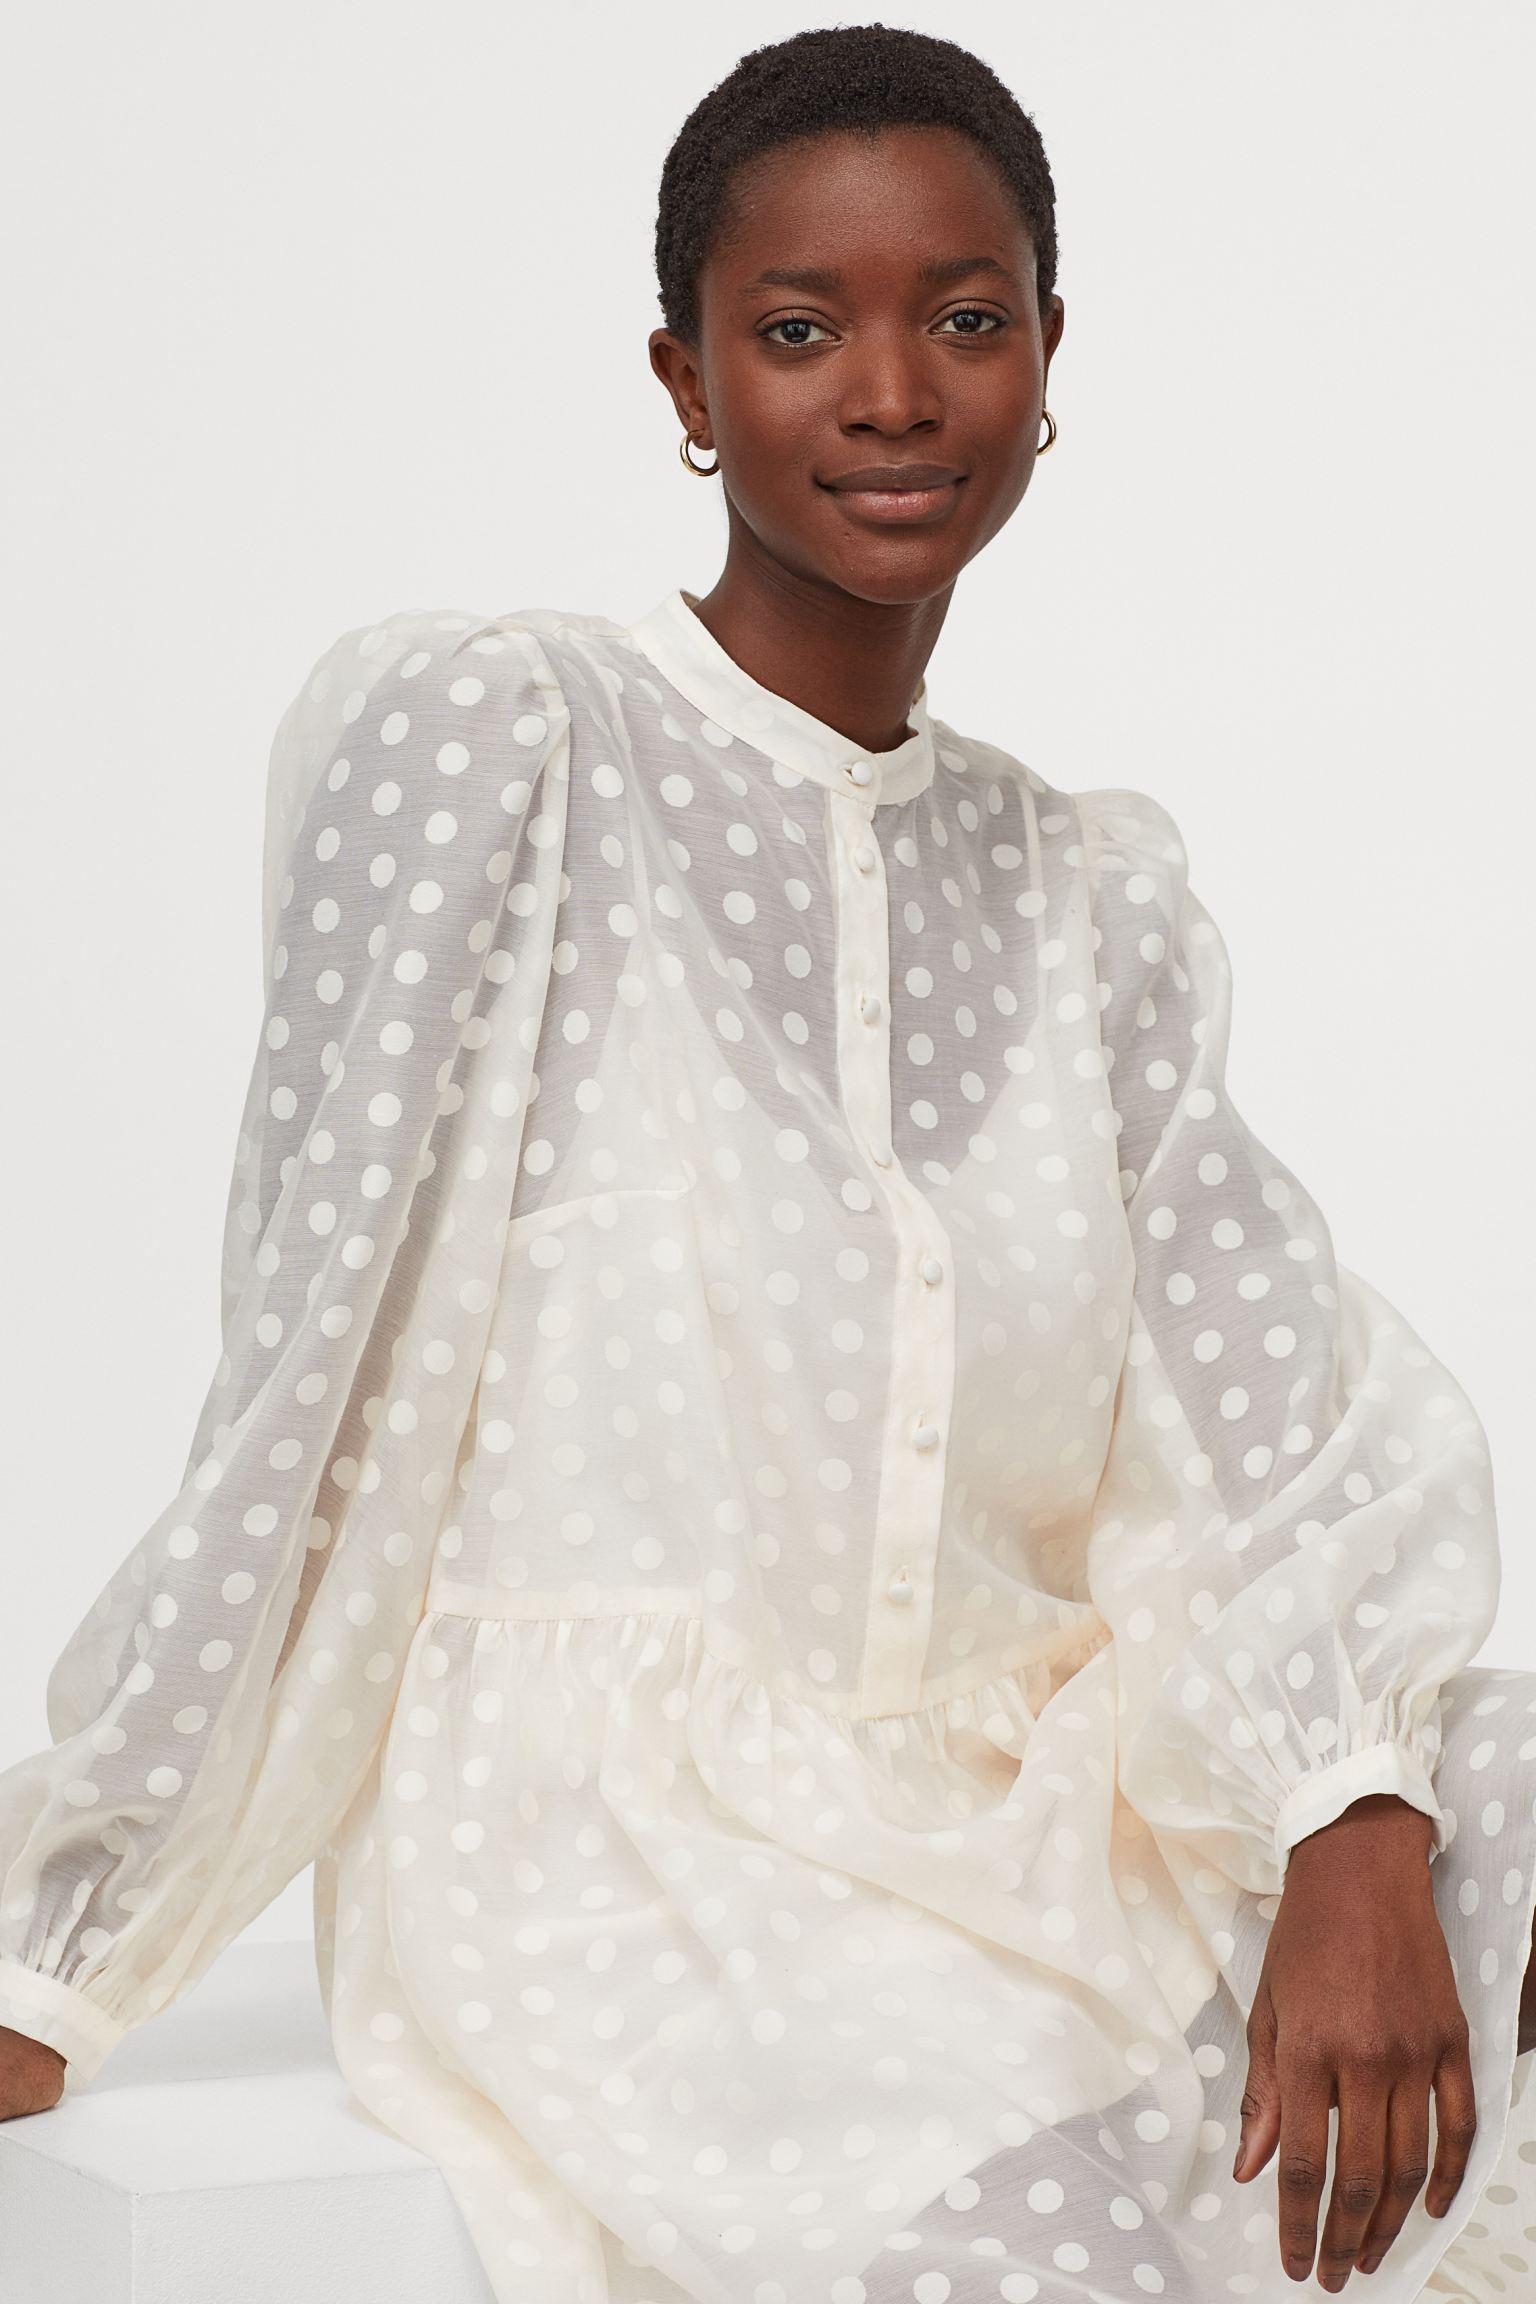 Vestido corto en tejido vaporoso con cuello elevado corto, abertura de pico y botones revestidos en la parte superior.